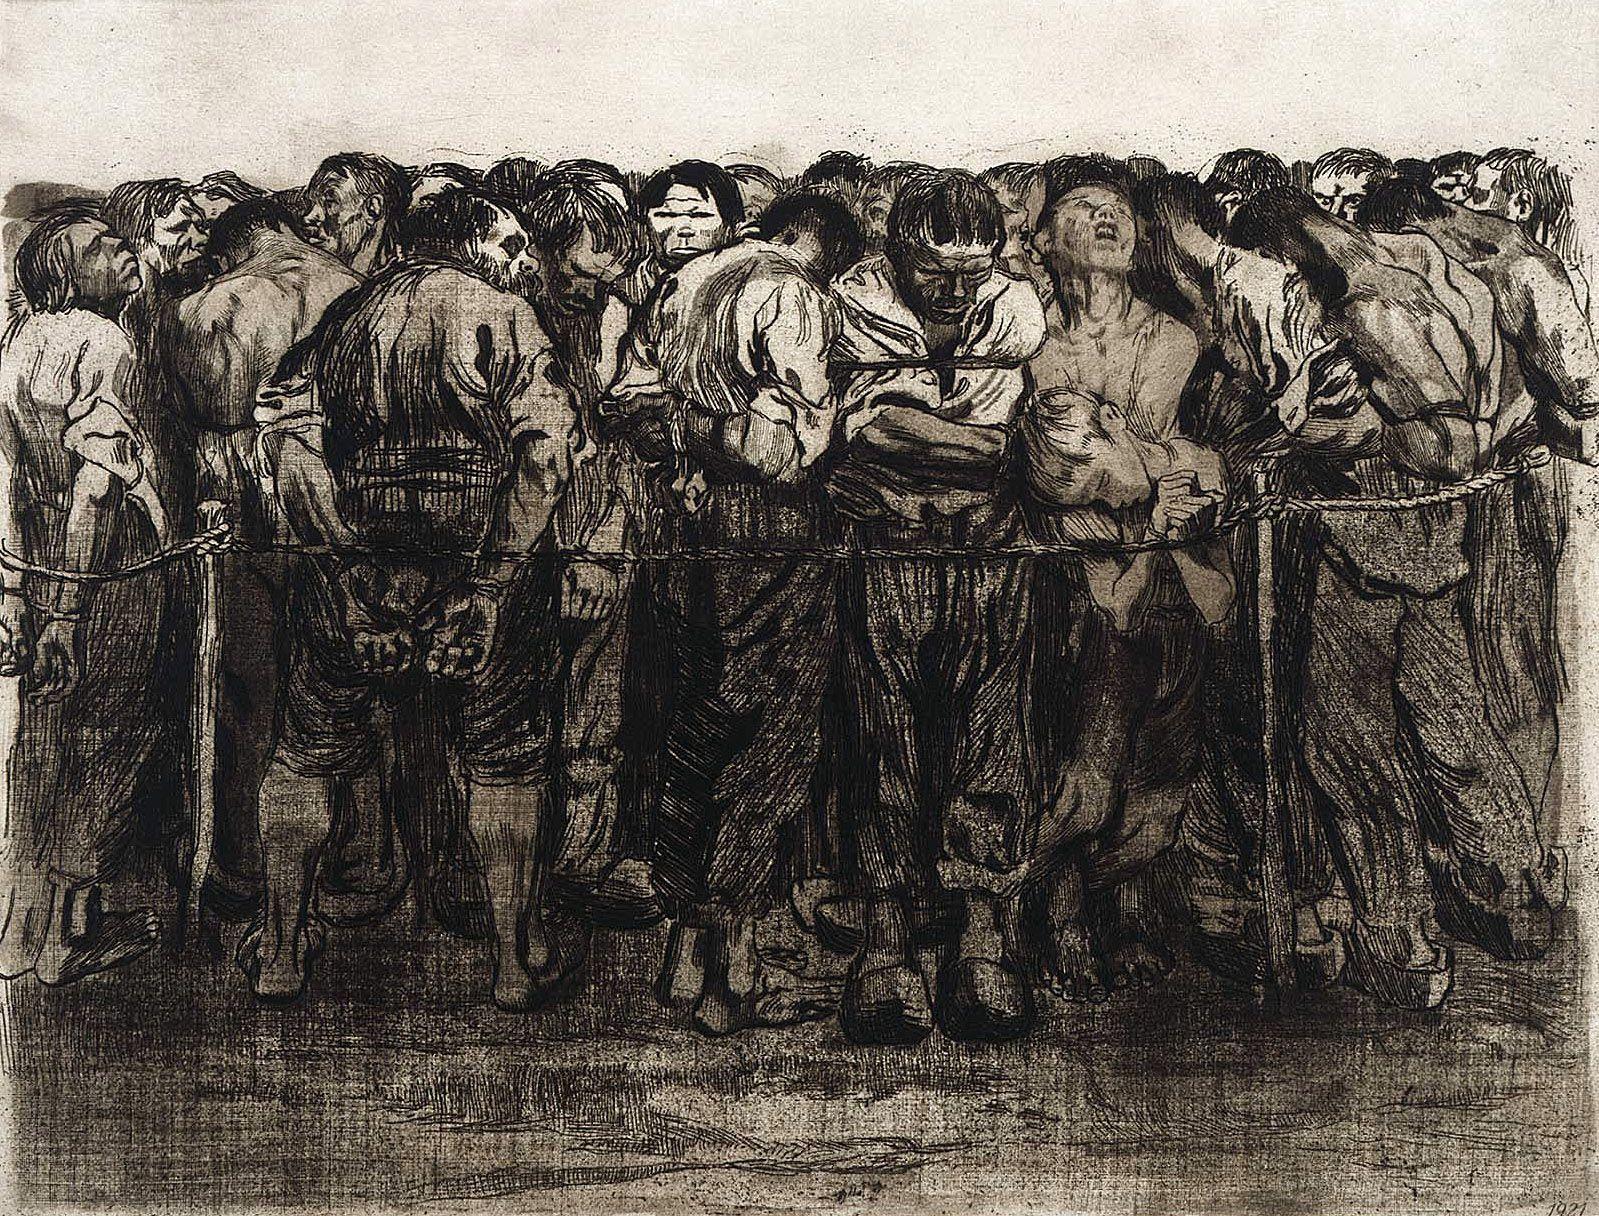 Кете Кольвиц. Крестьянская война, гравюра 7. Пленные. 1908